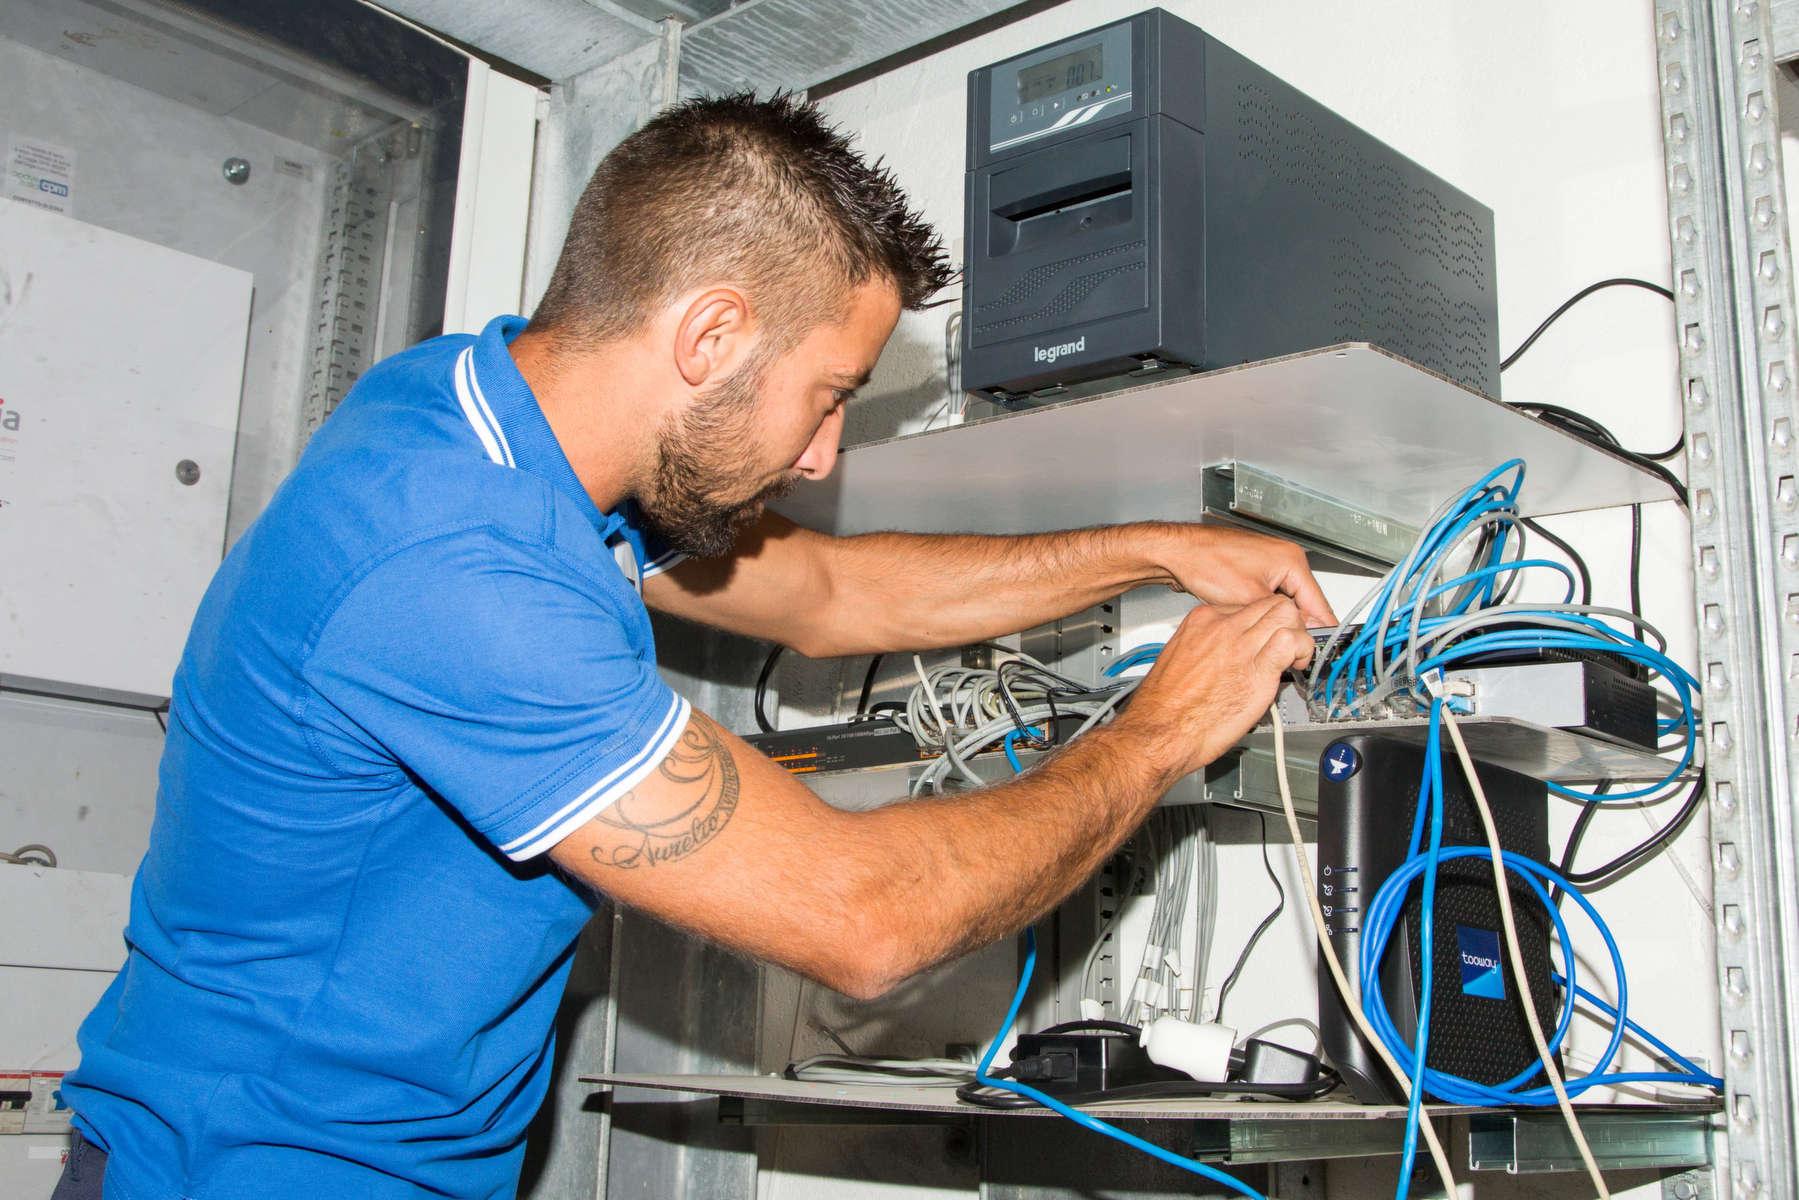 installazione modem internet